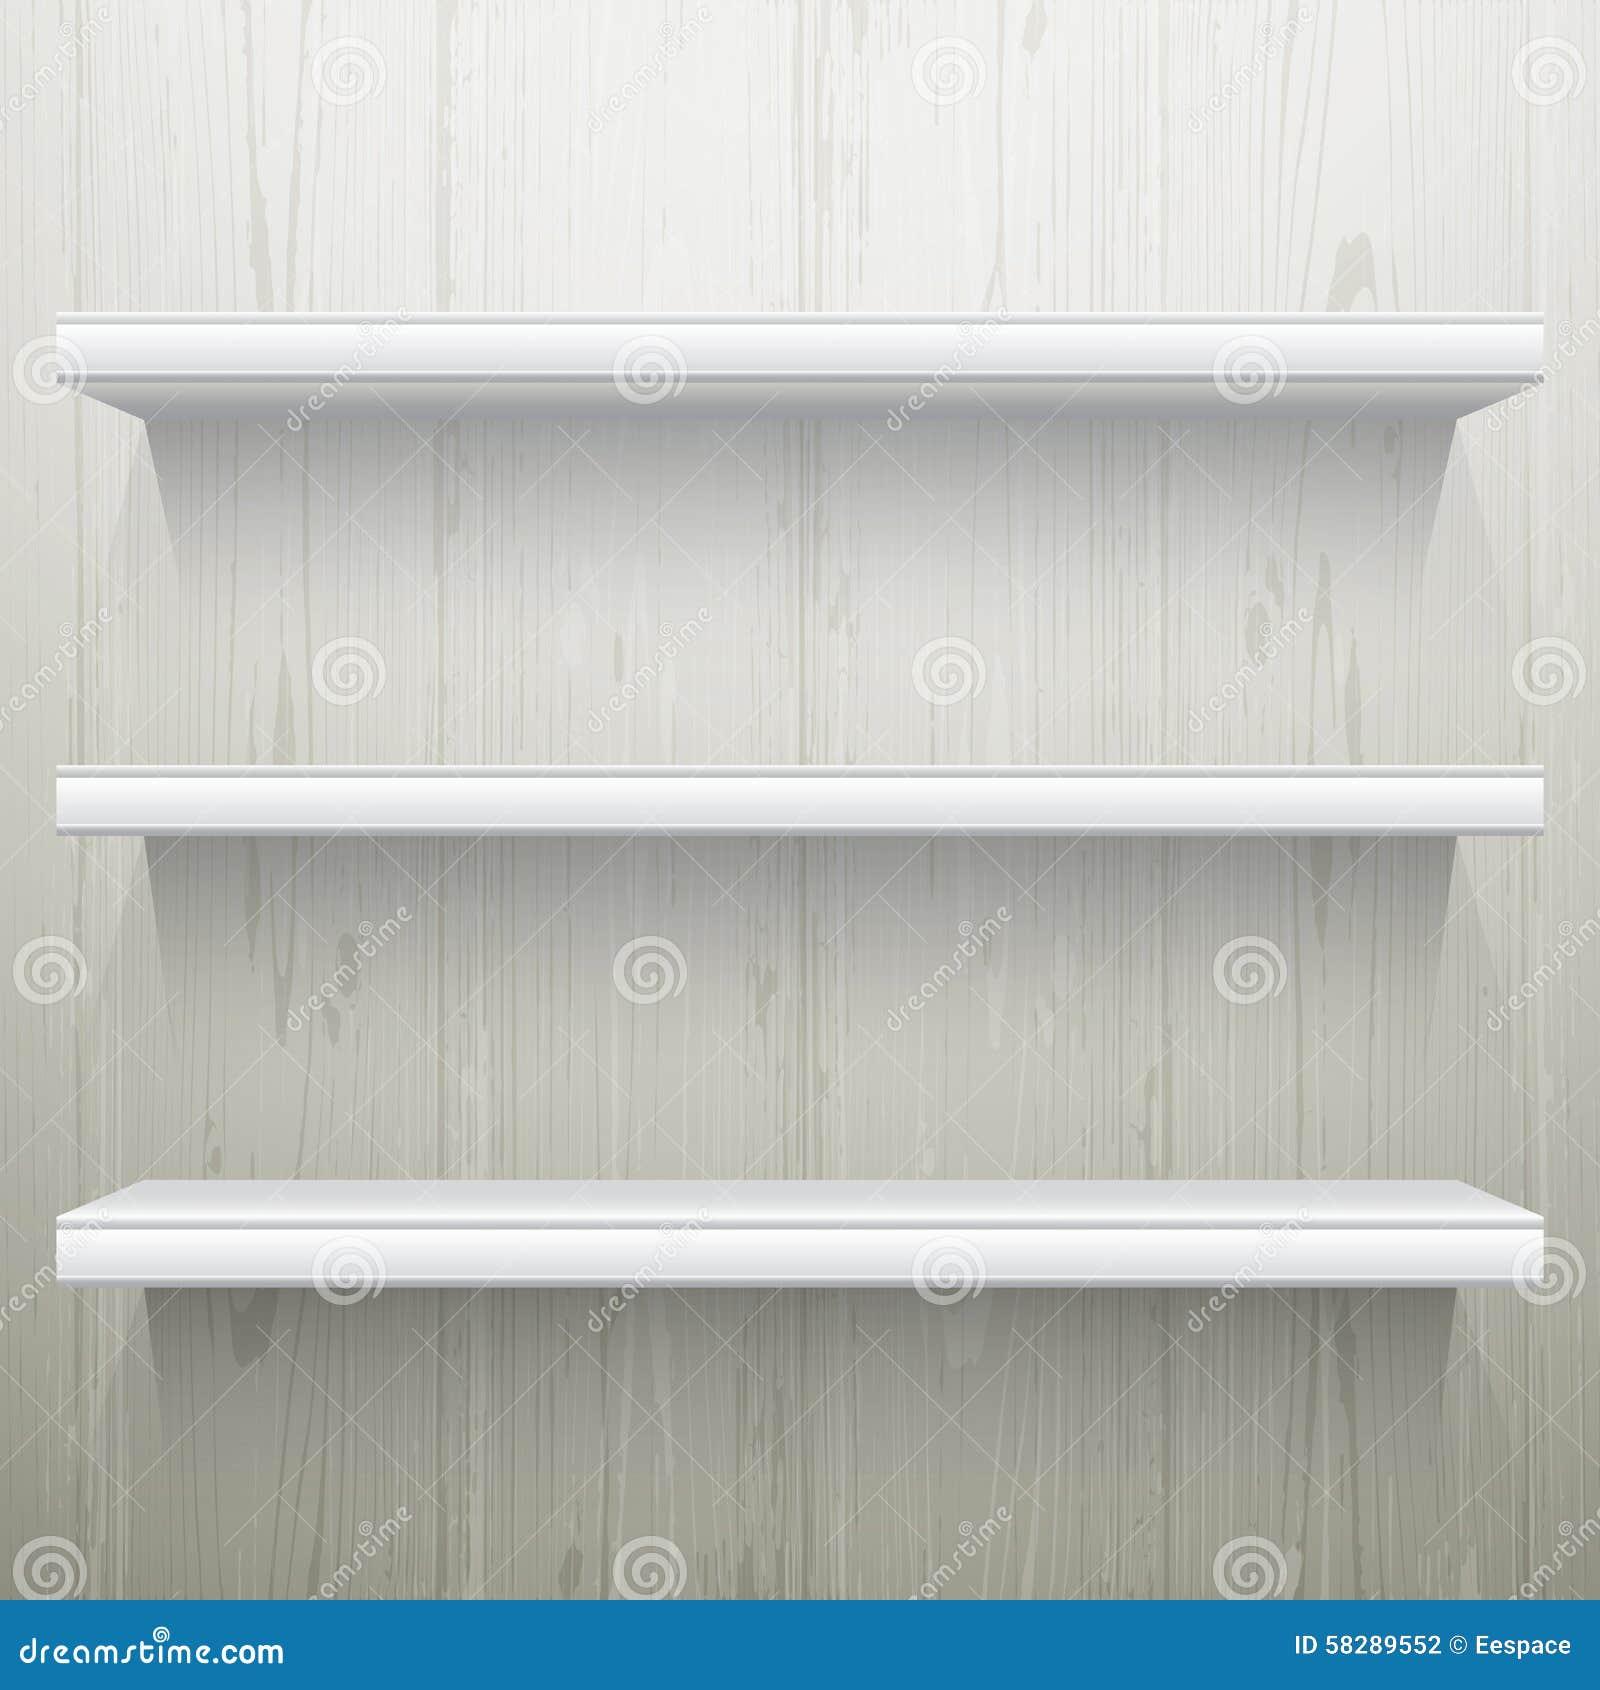 White Wood Shelves : White Wood Background Shelves Stock Vector - Image: 58289552